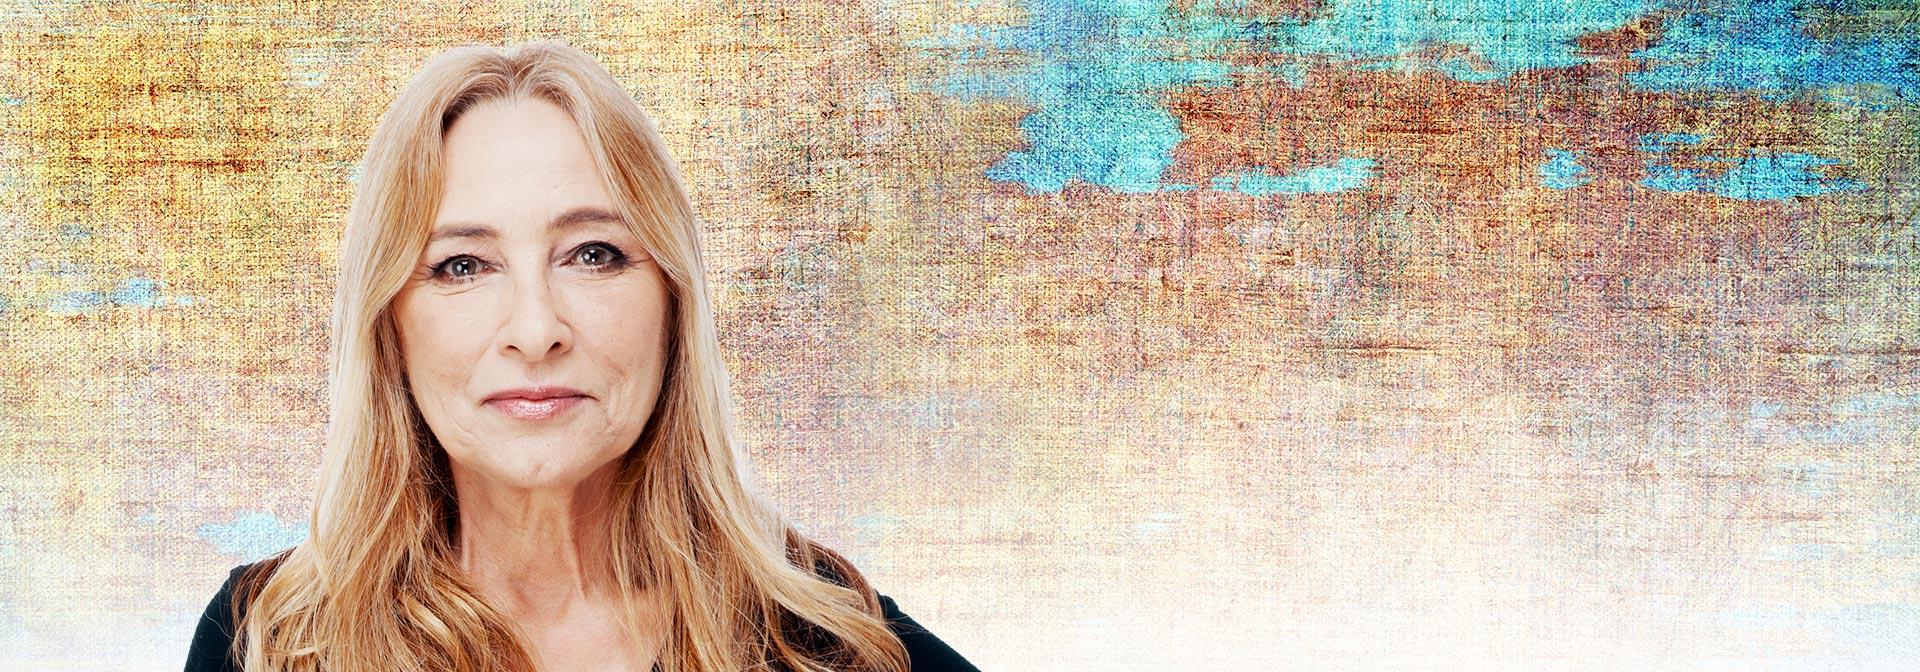 ליידי גלובס מציג: 20 האקטיביסטיות המשפיעות בישראל 2018 - ענת רפואה / צילום: ענבל מרמרי